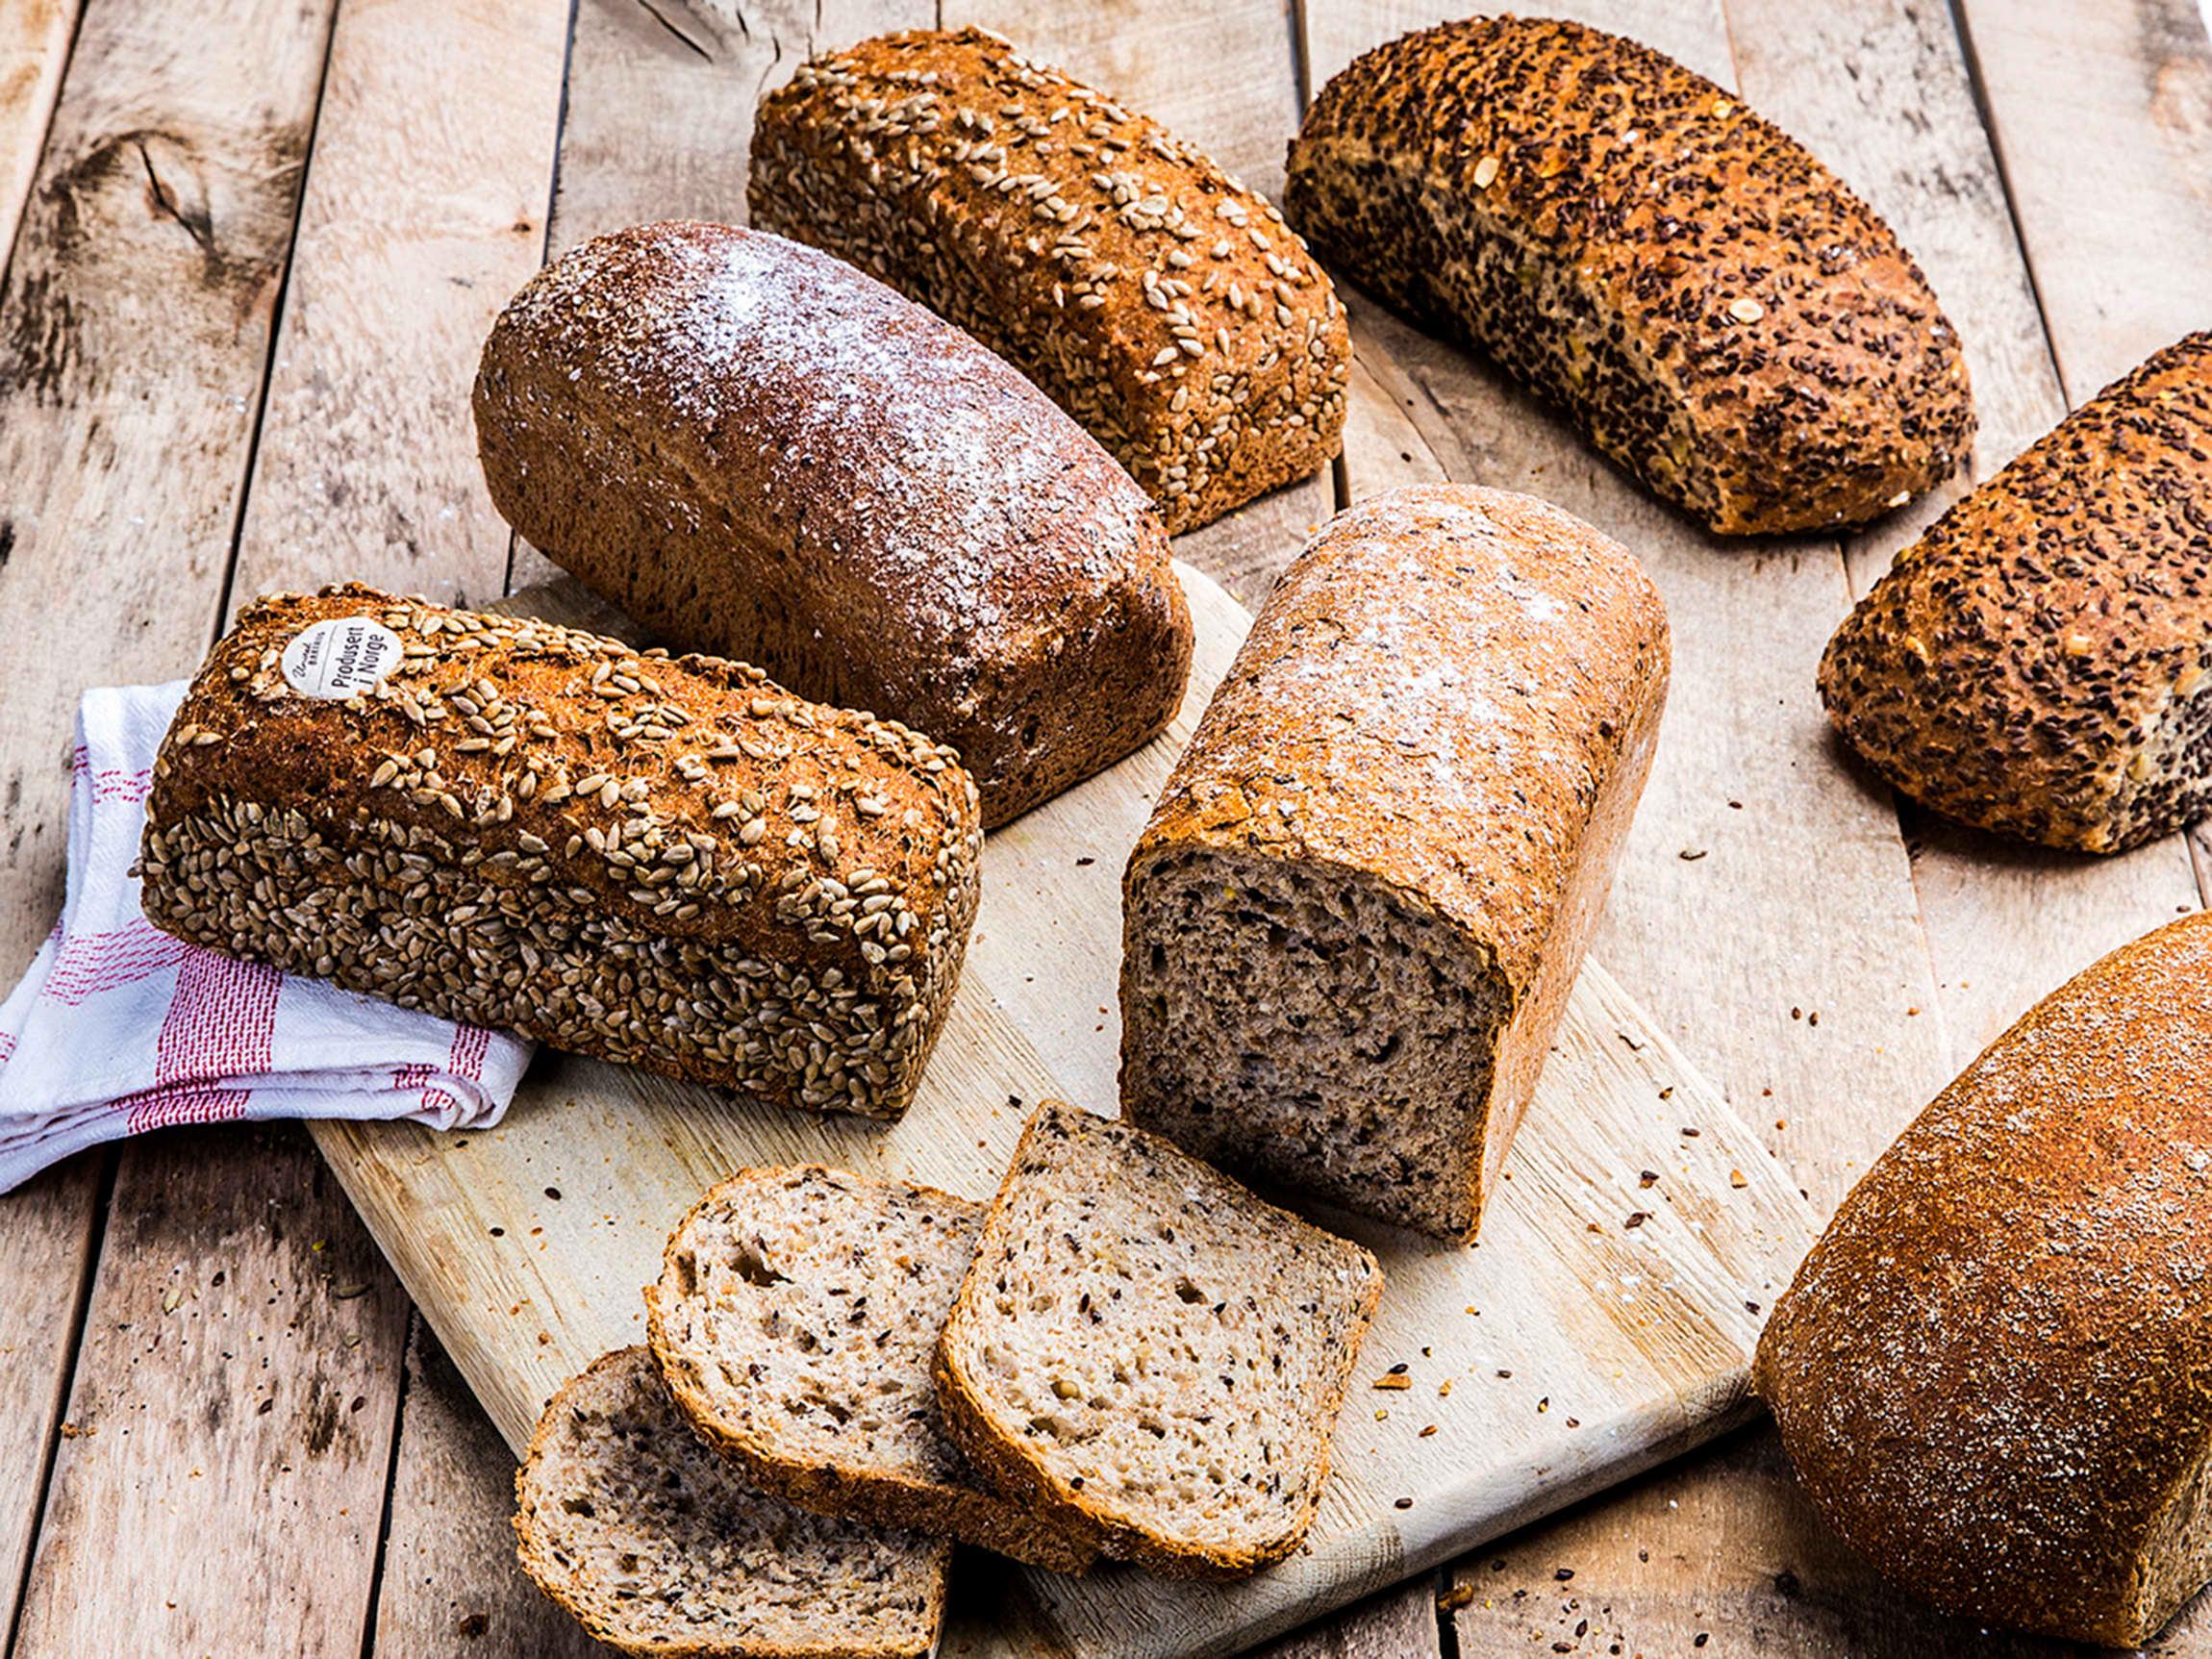 Ikke alle mørke brød er grove, så se på emballasjen framfor fargen!